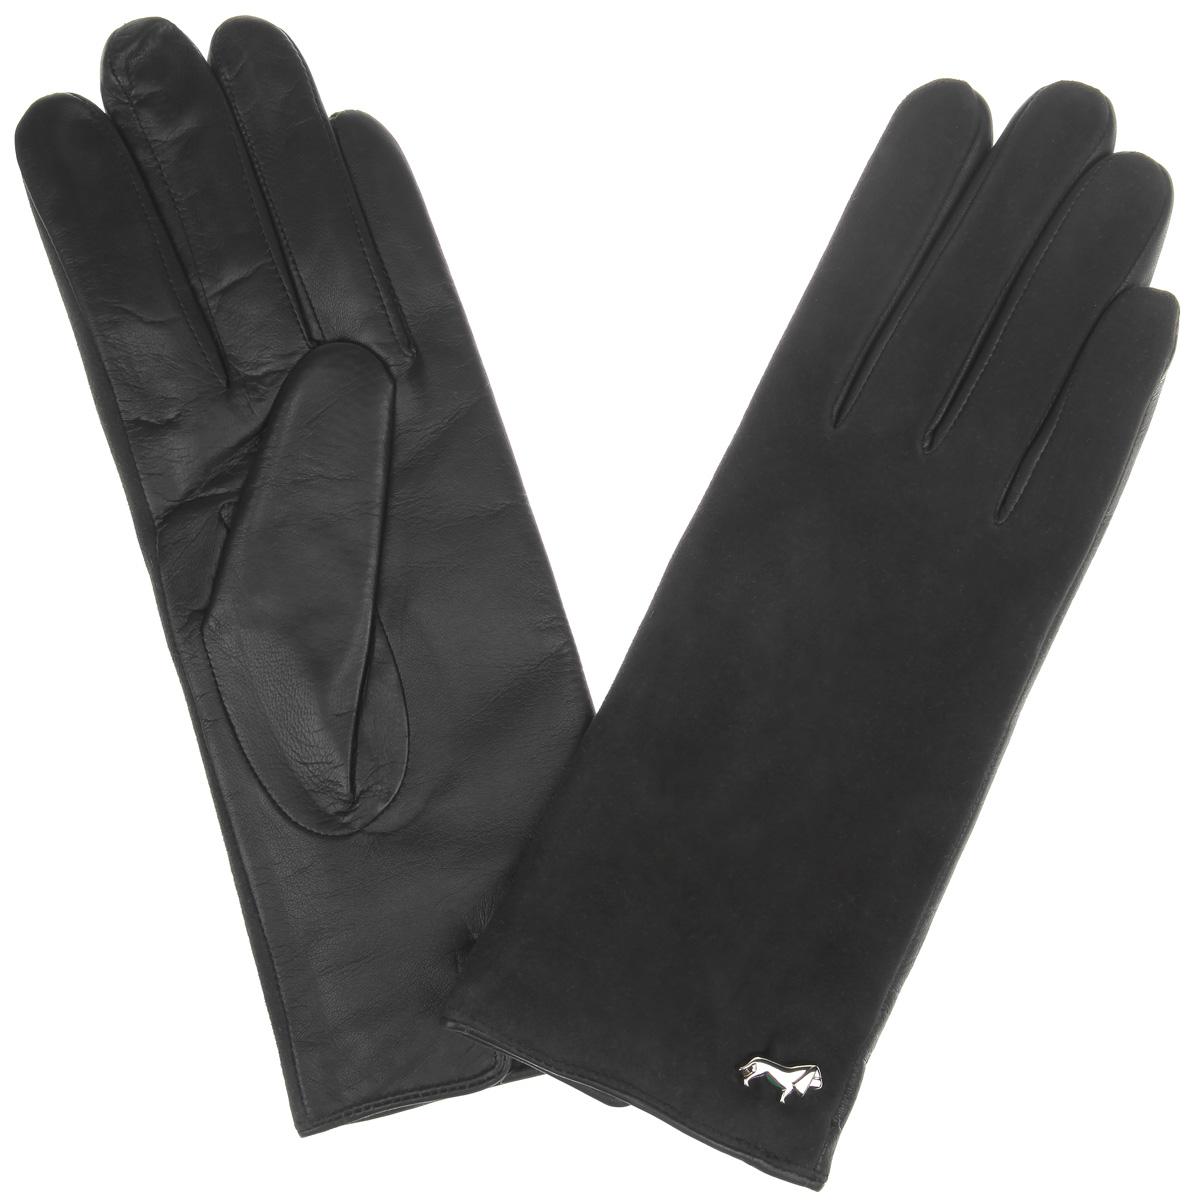 Перчатки женские. LB-4707LB-4707Классические женские перчатки Labbra не только защитят ваши руки, но и станут великолепным украшением. Тыльная сторона перчаток выполнена из замши, а на ладошках - из чрезвычайно мягкой и приятной на ощупь натуральной кожи ягненка, а их подкладка - из натуральной шерсти с добавлением акрила. Внешняя сторона оформлена фирменным логотипом в виде собачки. Качественная отделка кожи ягненка делает эту модель не только красивой, но и долговечной. В настоящее время перчатки являются неотъемлемой принадлежностью одежды, вместе с этим аксессуаром вы обретаете женственность и элегантность. Перчатки станут завершающим и подчеркивающим элементом вашего стиля и неповторимости.